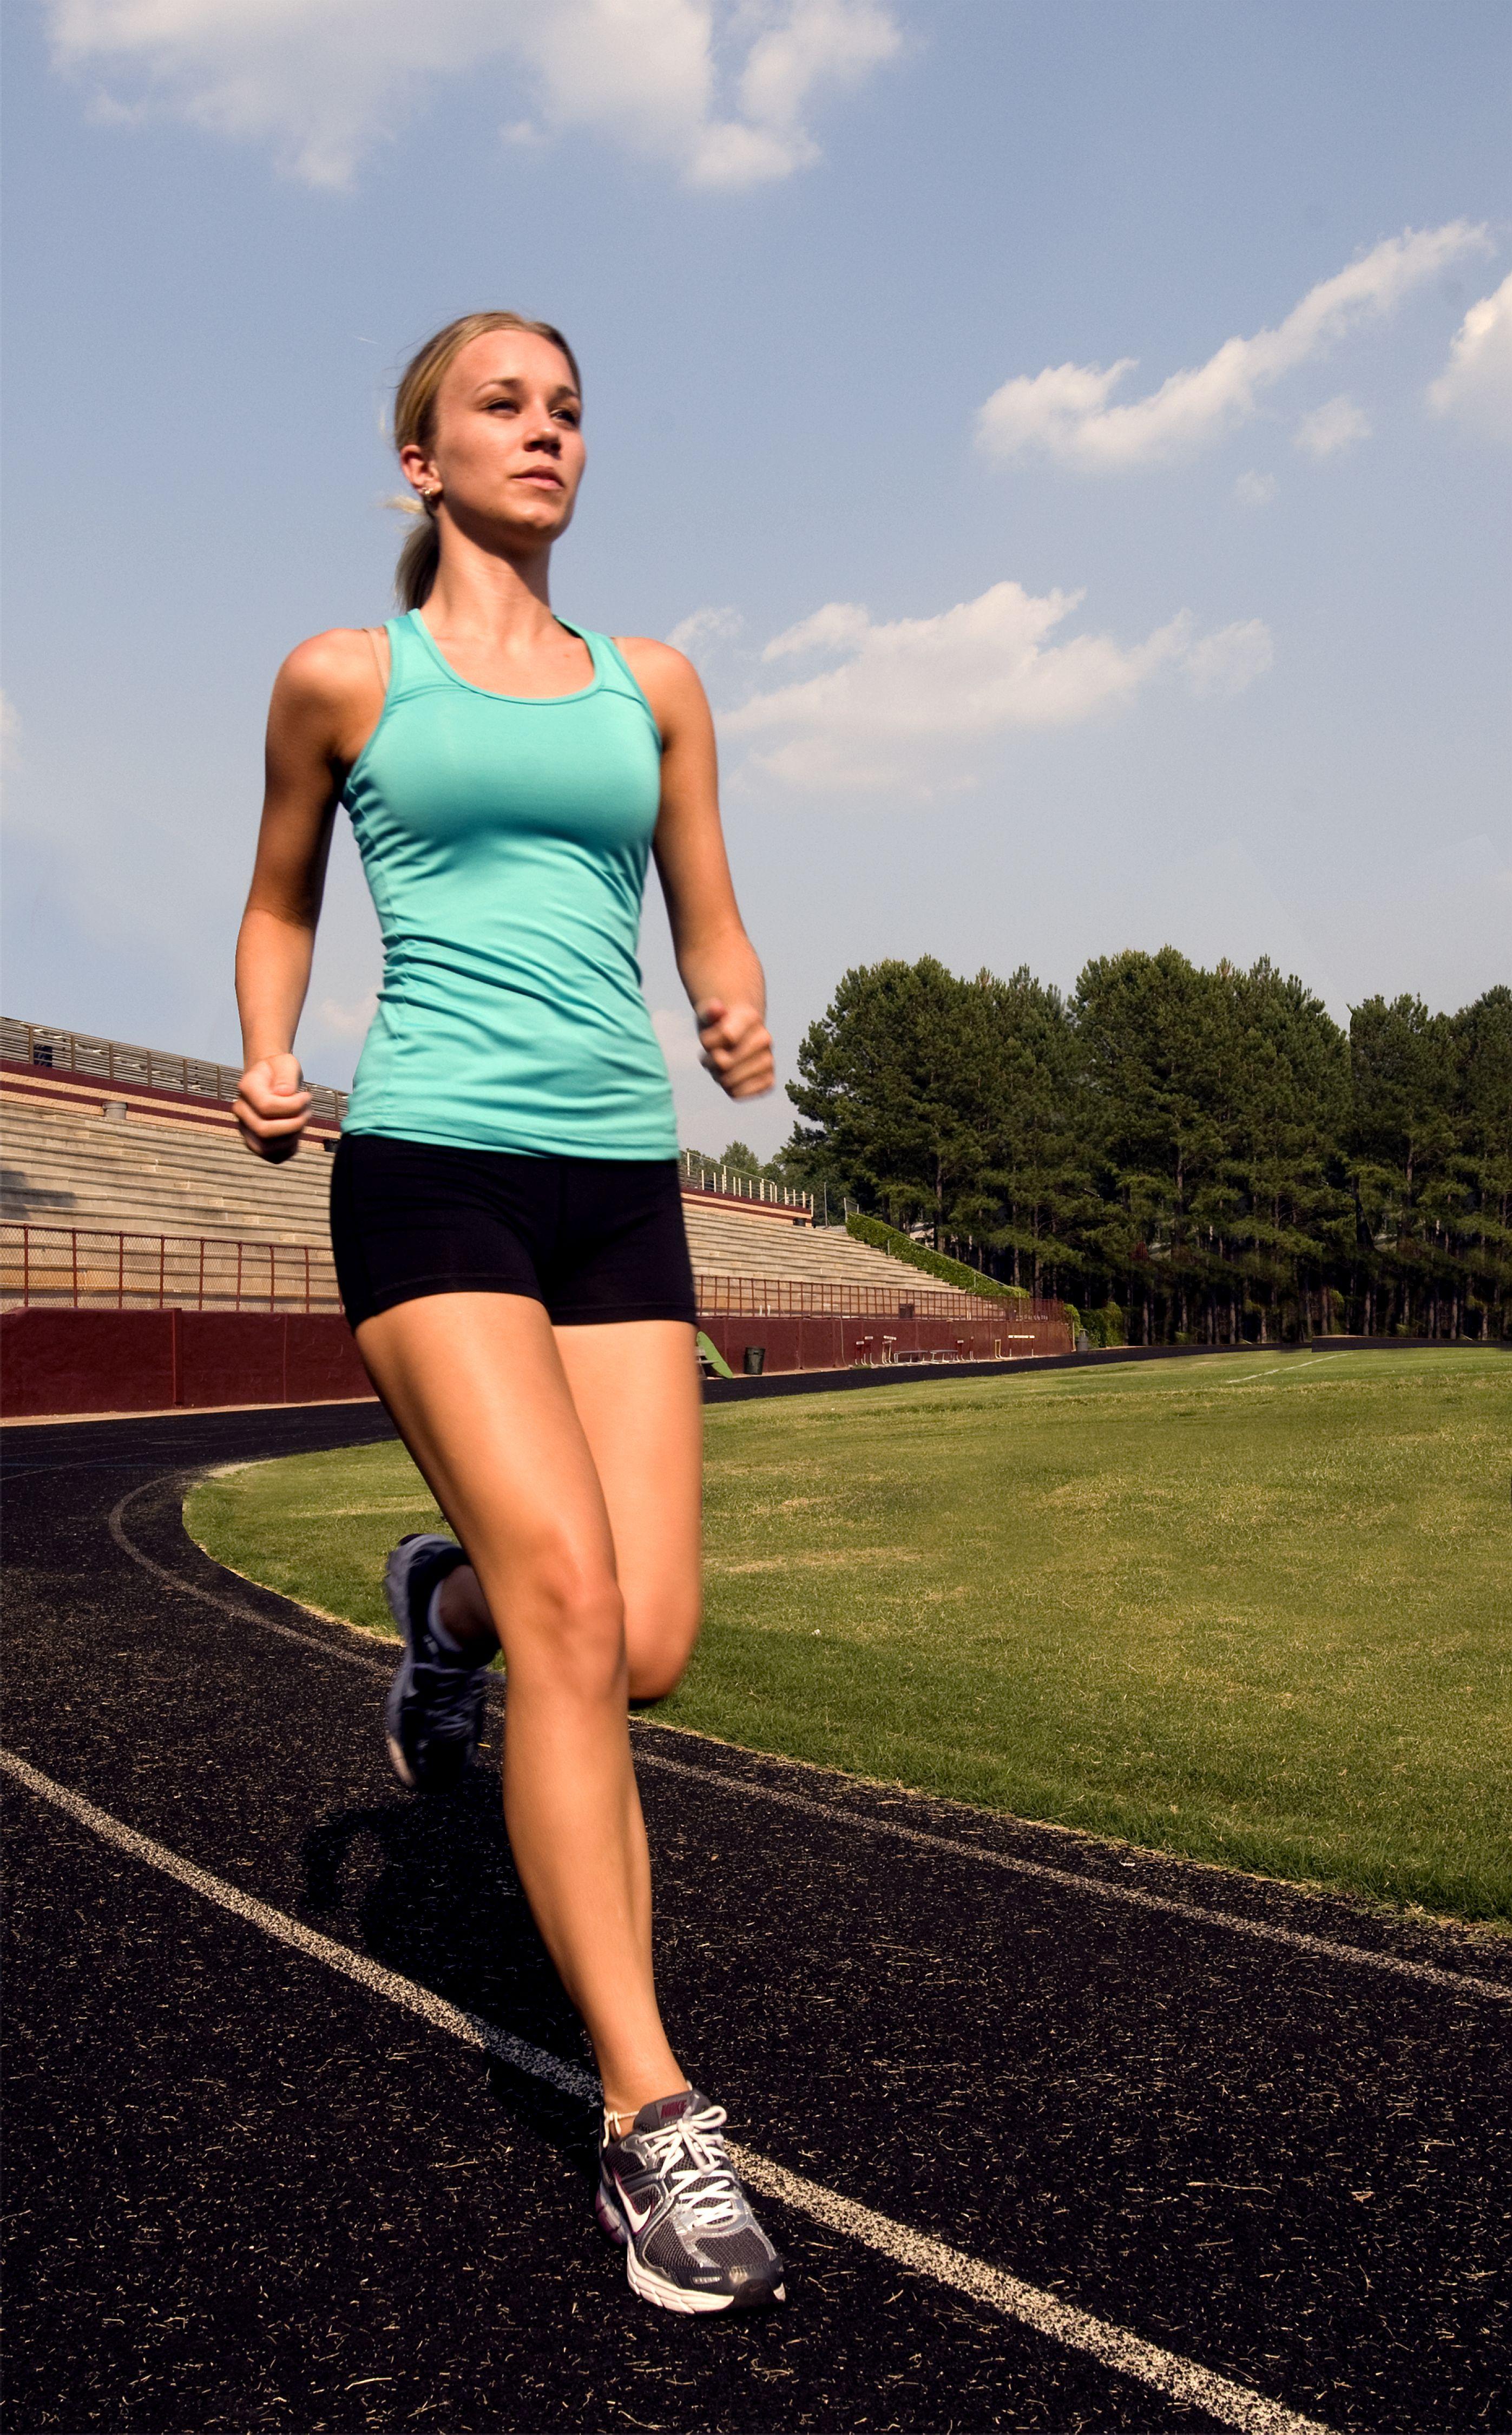 Female jogging mp4 photo 24